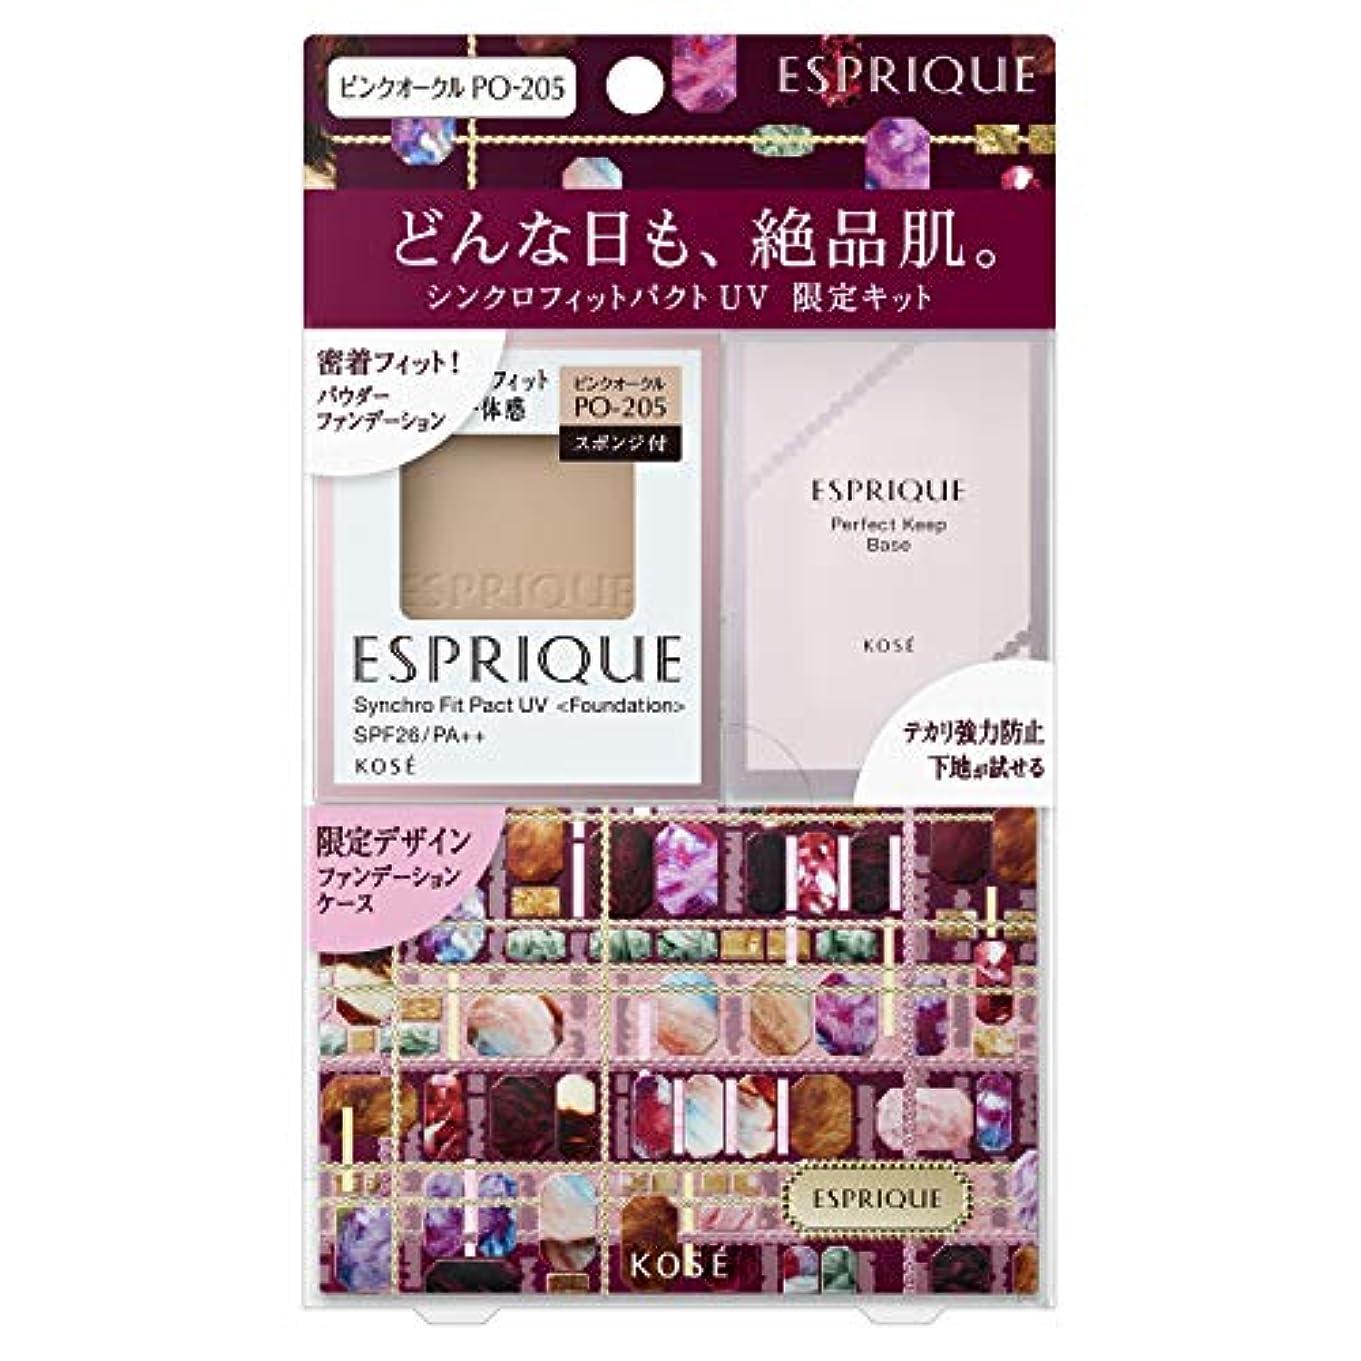 機知に富んだ汚染された誇張するエスプリーク シンクロフィット パクト UV 限定キット 2 PO-205 ピンクオークル